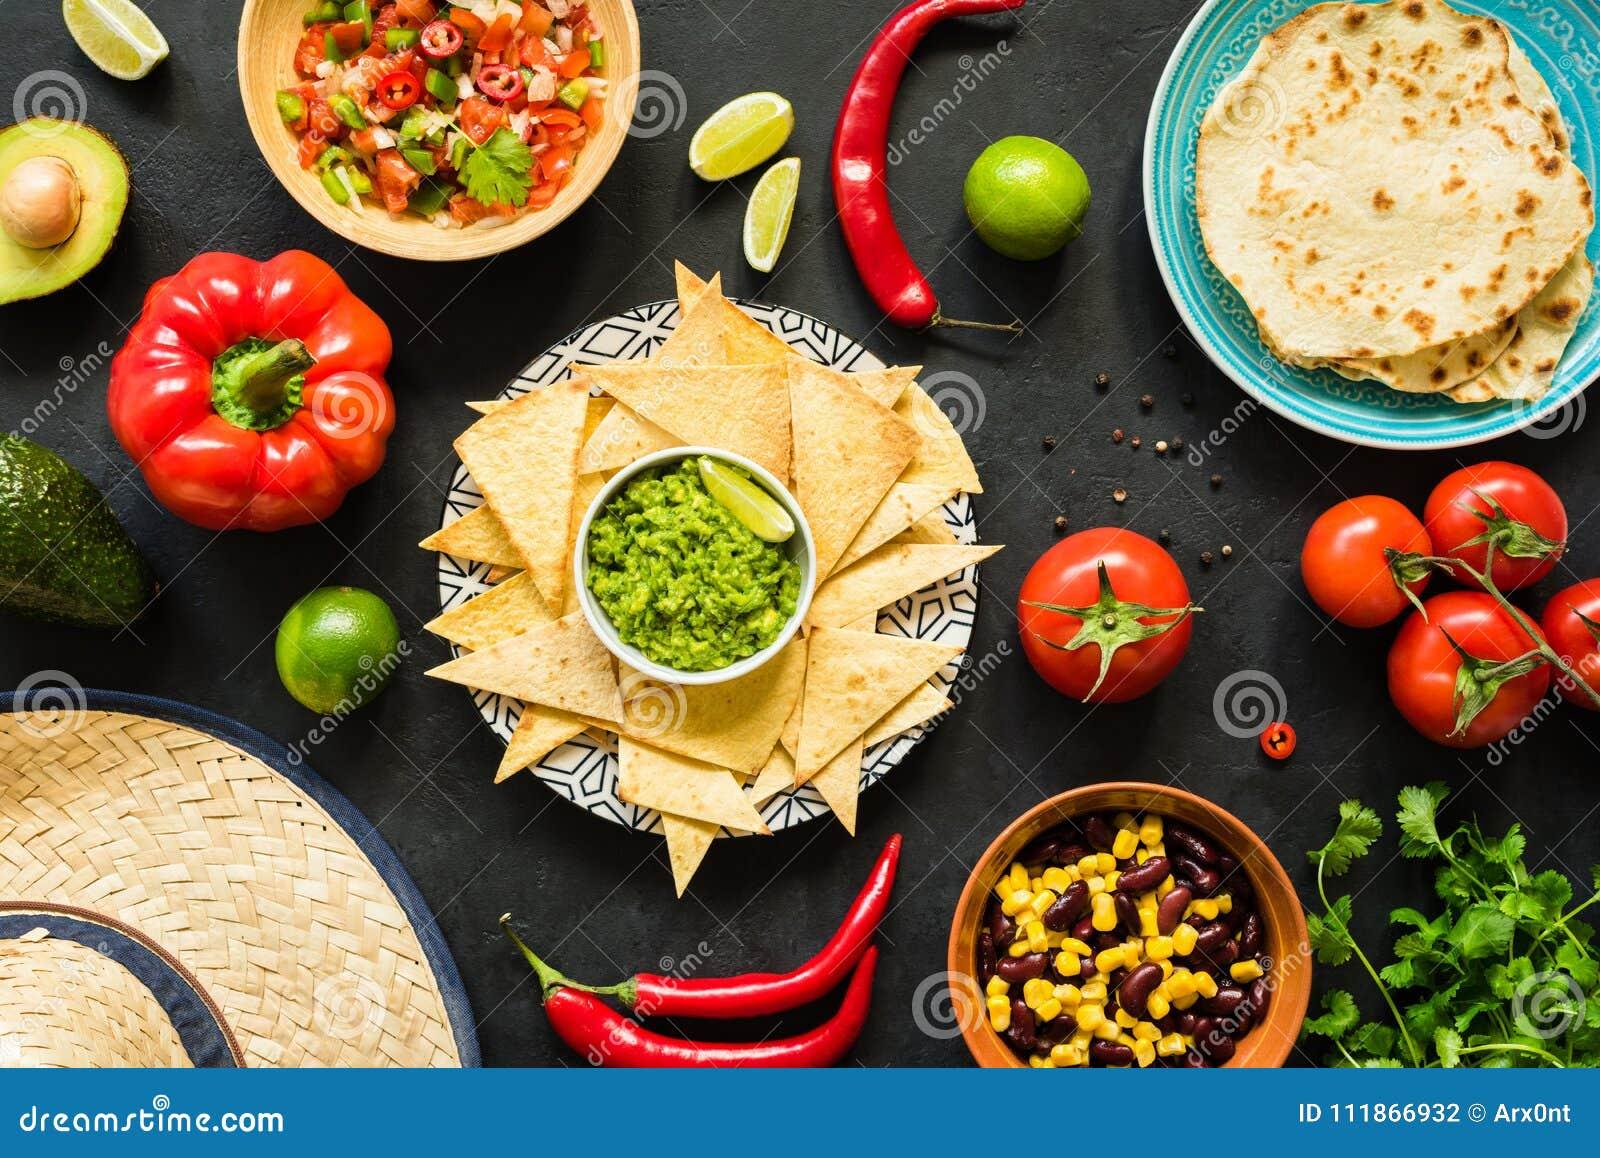 与鳄梨调味酱捣碎的鳄梨酱、豆、辣调味汁和玉米粉薄烙饼的烤干酪辣味玉米片 墨西哥食物